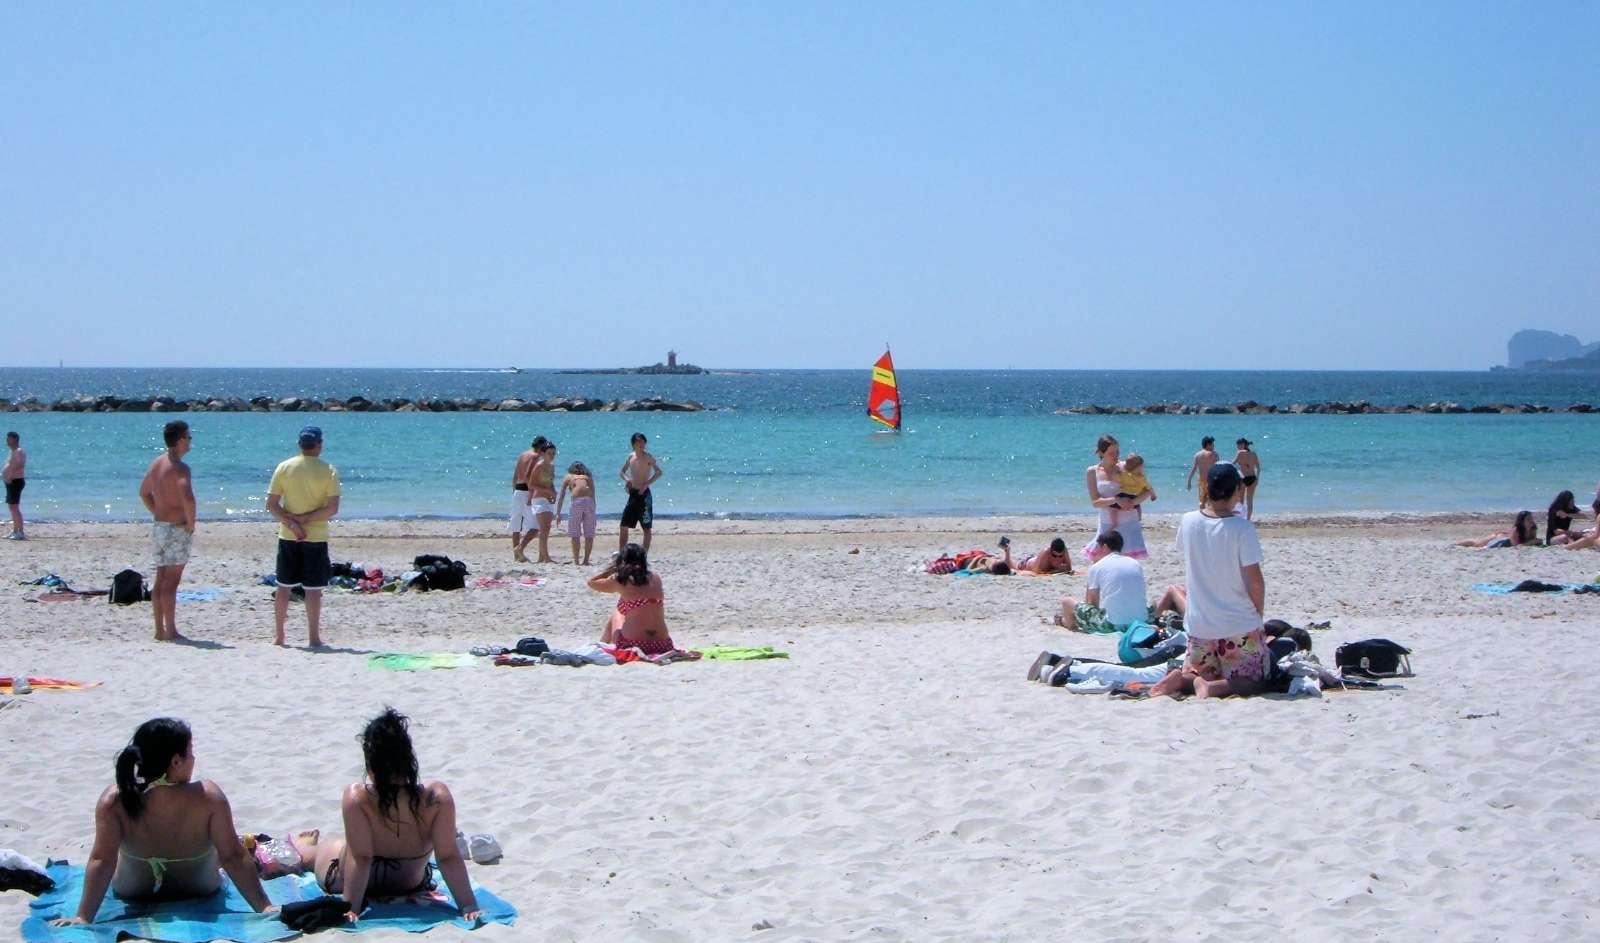 Lido'en, stranden lige ved Alghero